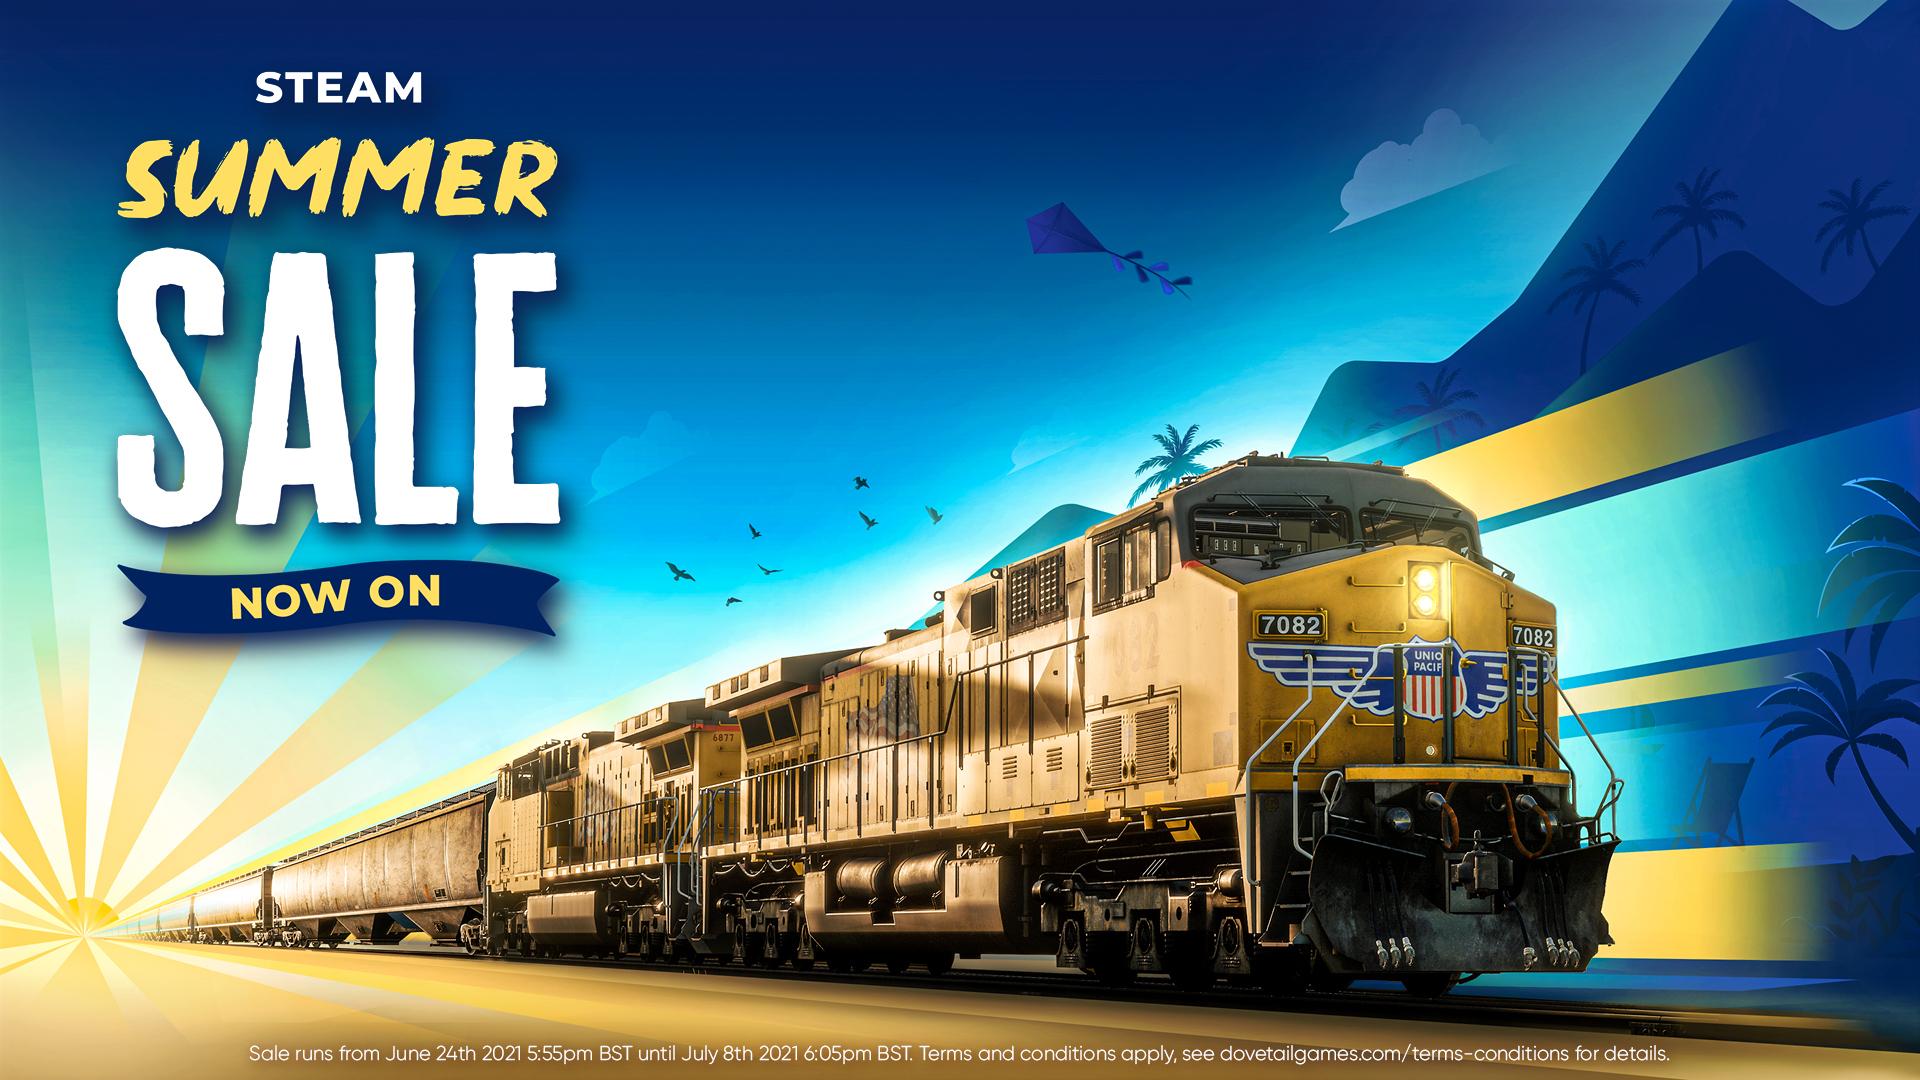 Steam Summer Sale Now On!